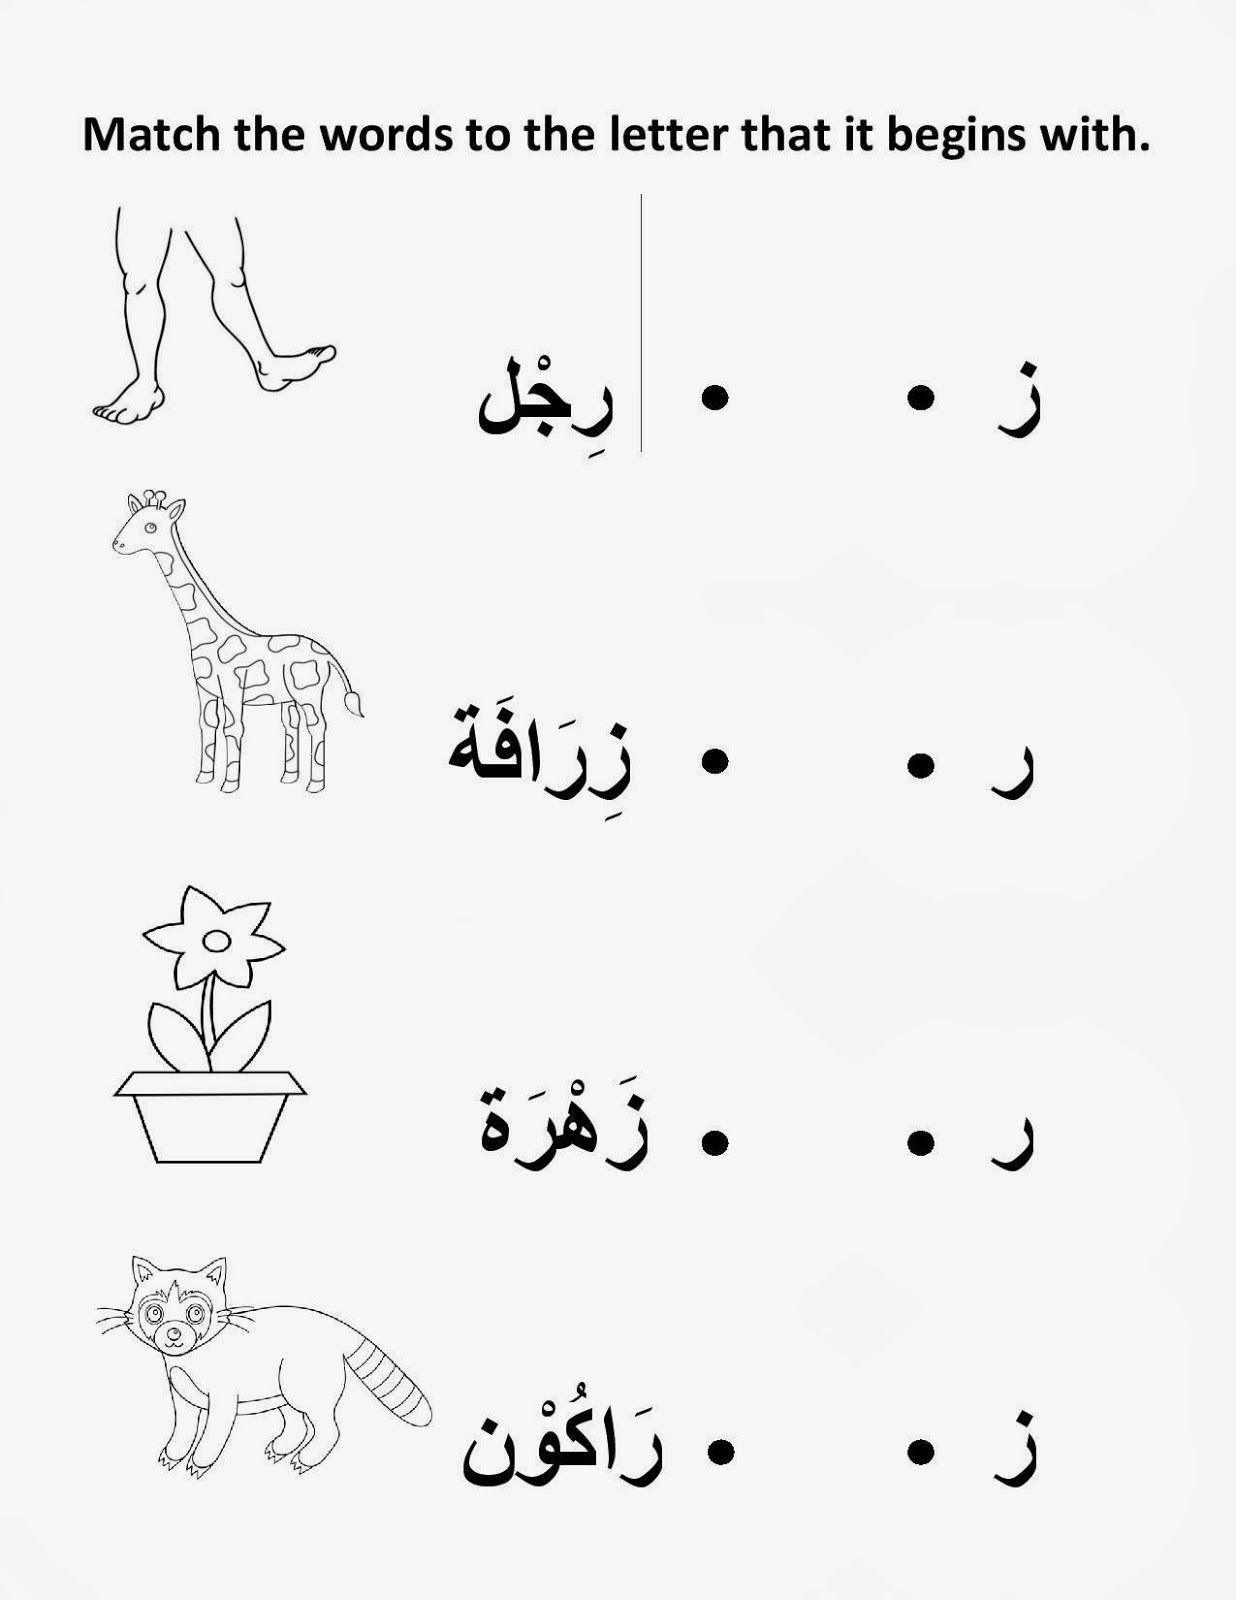 Preschool letter s worksheet - Arabic Letters Worksheet For Kids